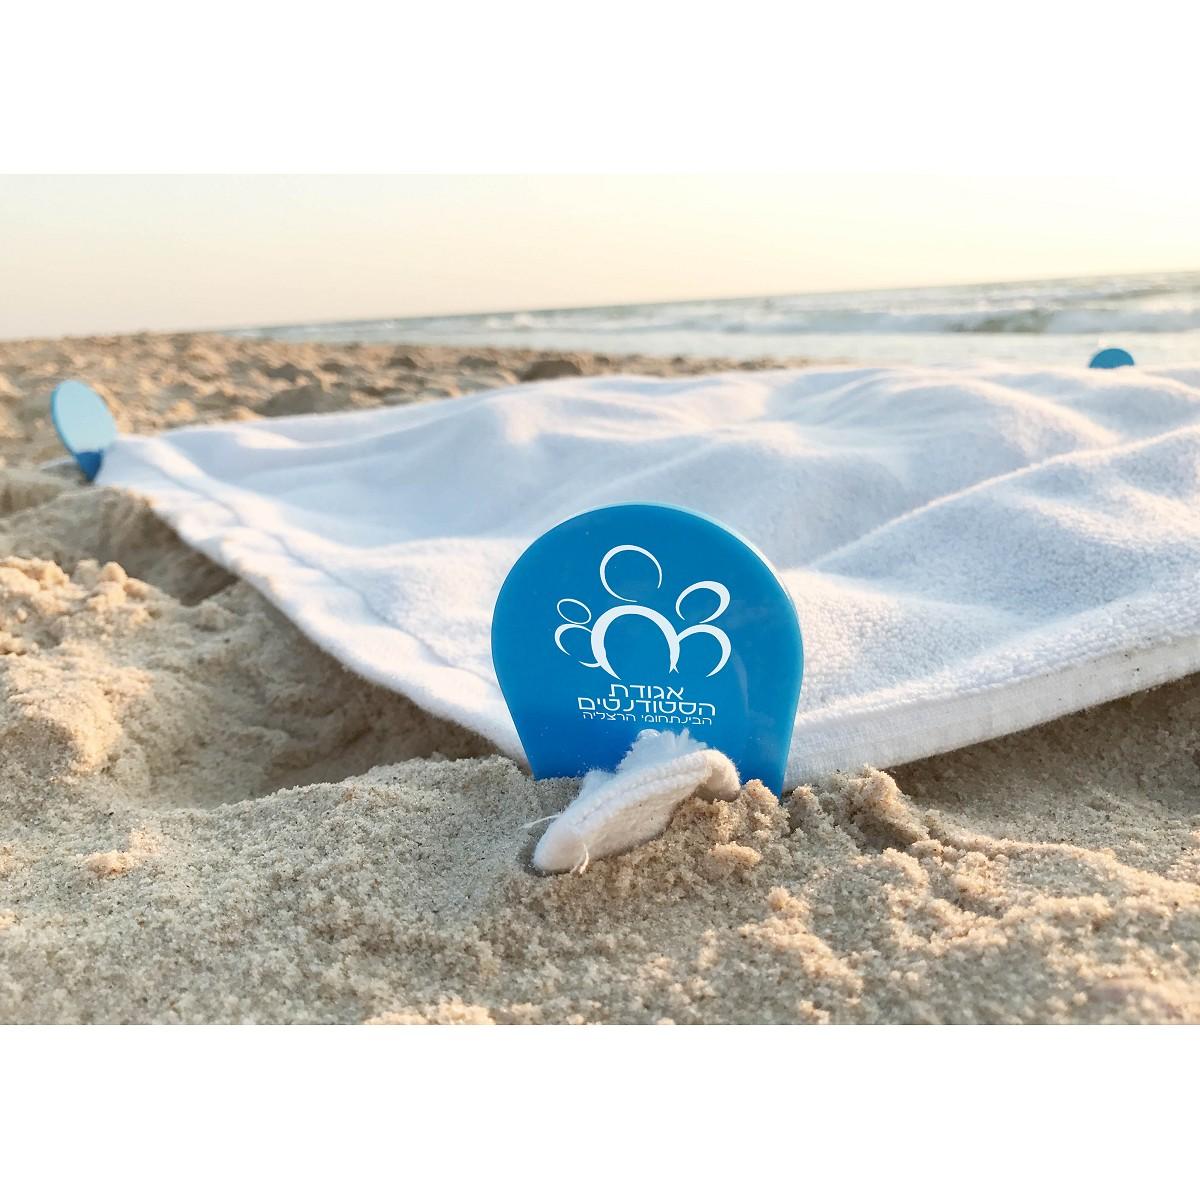 קליפס למגבת חוף - 4 יחידות